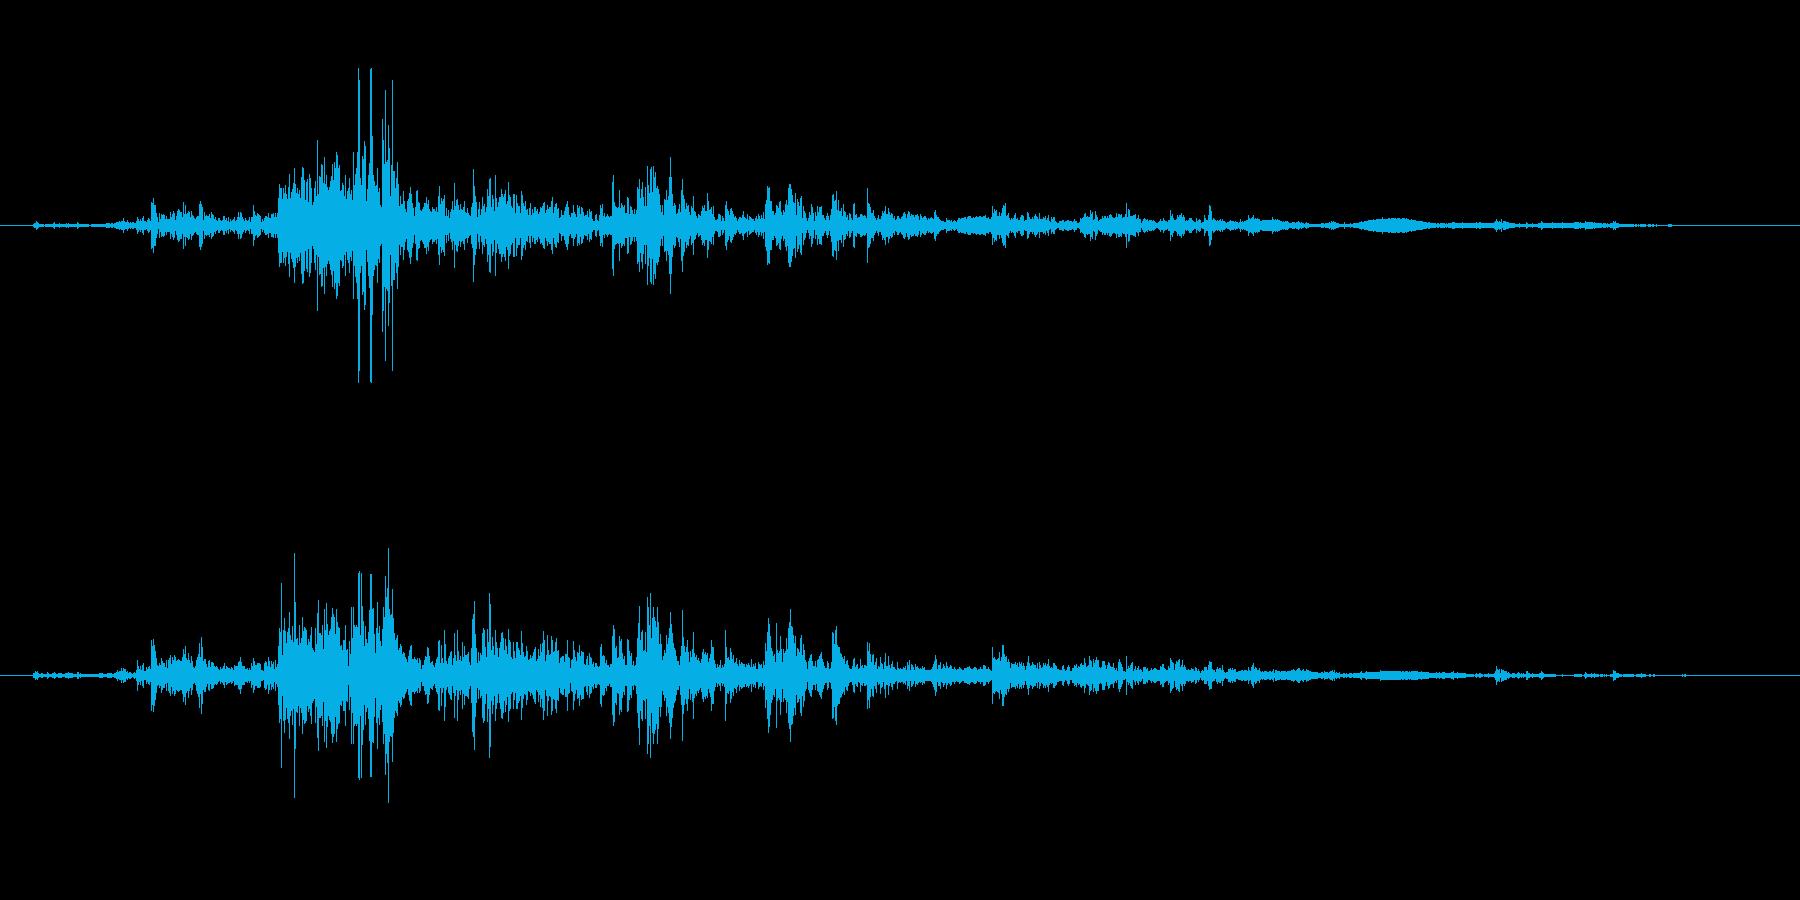 ぐしゃぐしゃ(崩れていくイメージ)の再生済みの波形